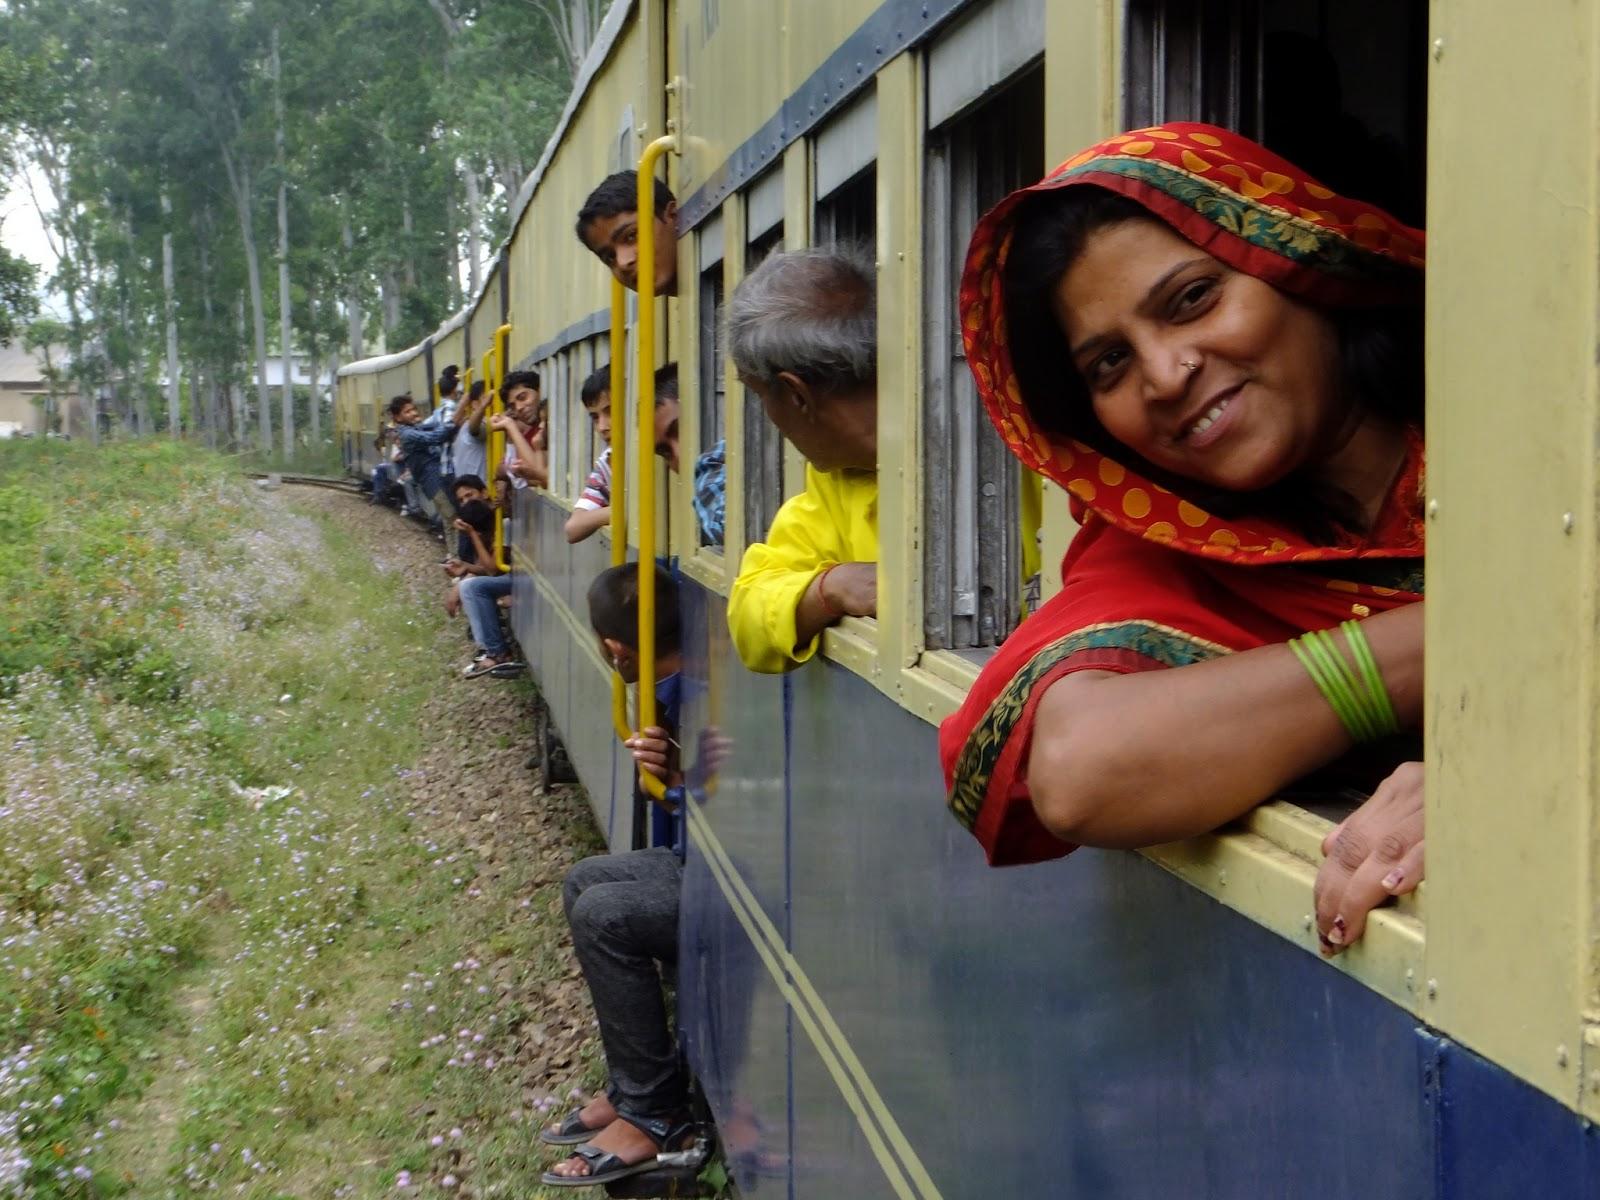 мечтает поезда в индии с людьми фото необычный, двухслойный одну